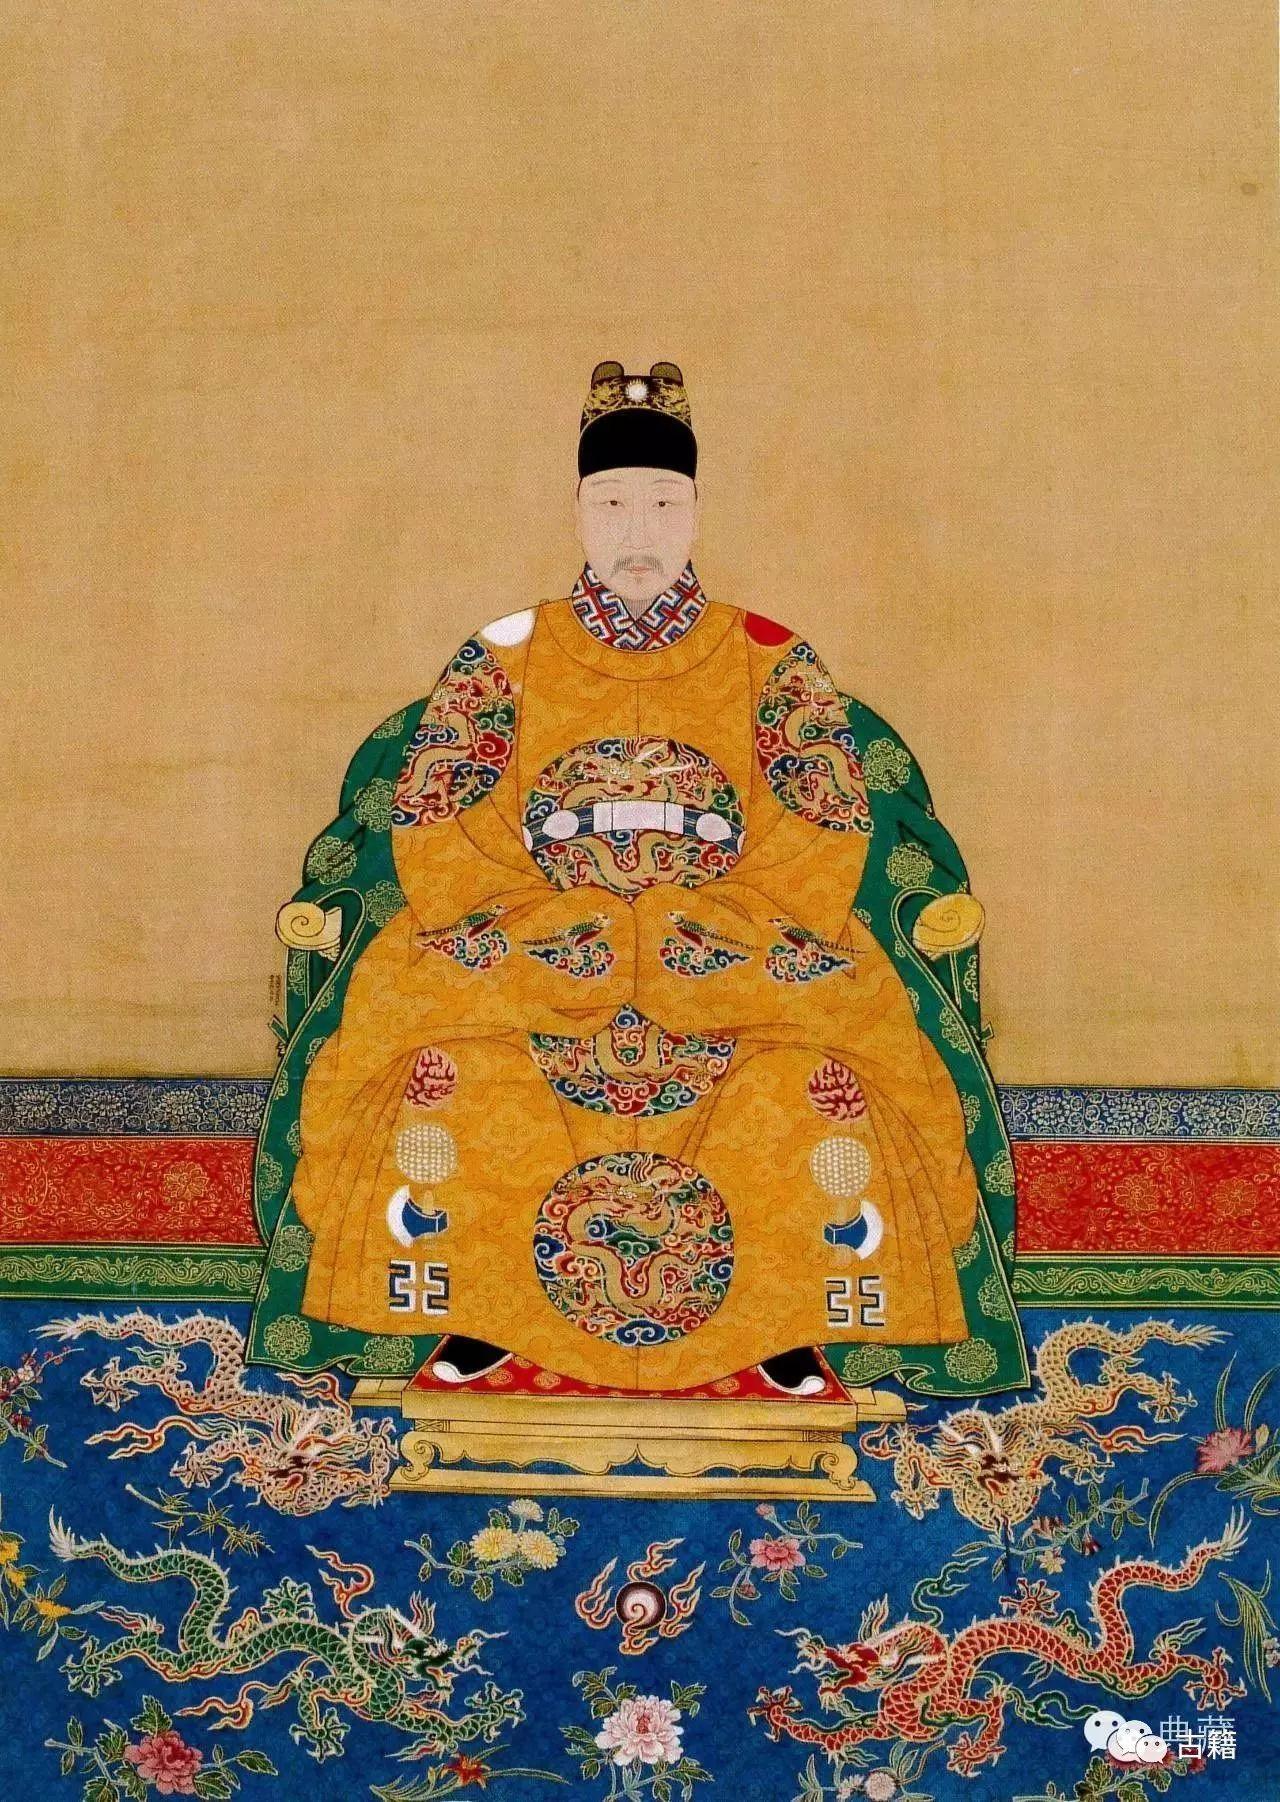 明朝和清朝历代皇帝画像,谁最有帝王之相?图片